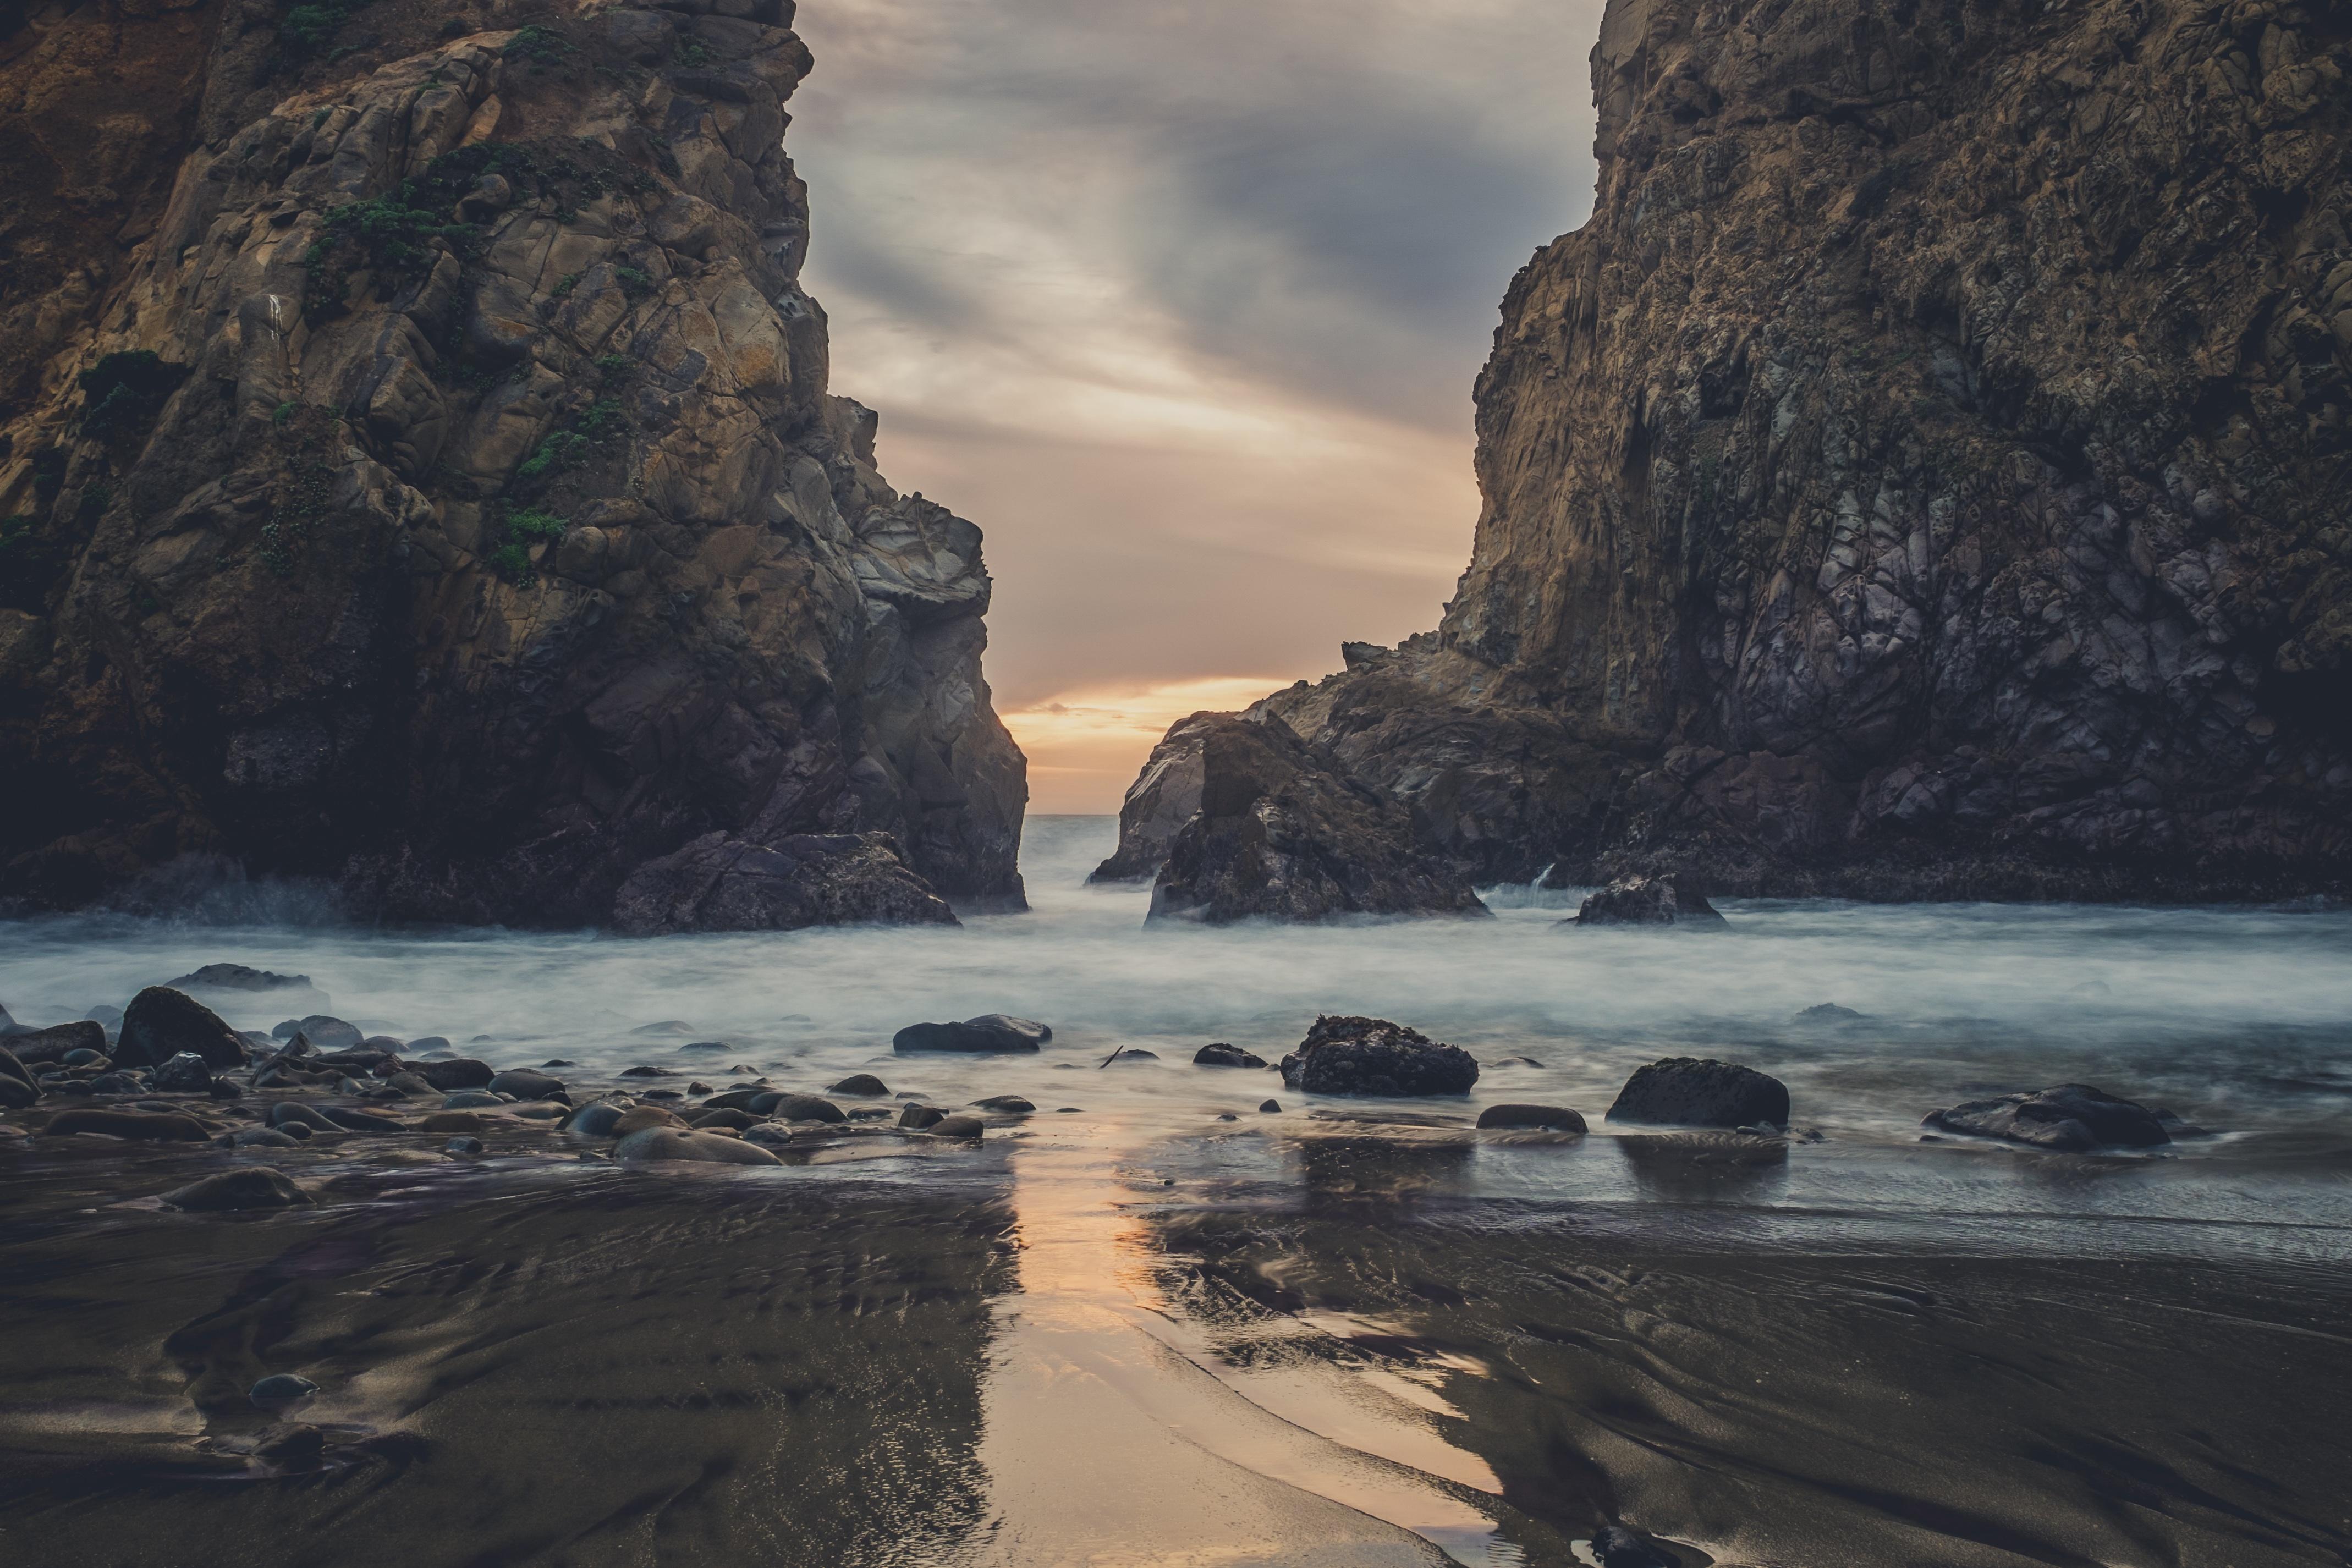 Mountains rocks on the beach, rocks, cliffs, beach, coast, ocean, sea, waves, water